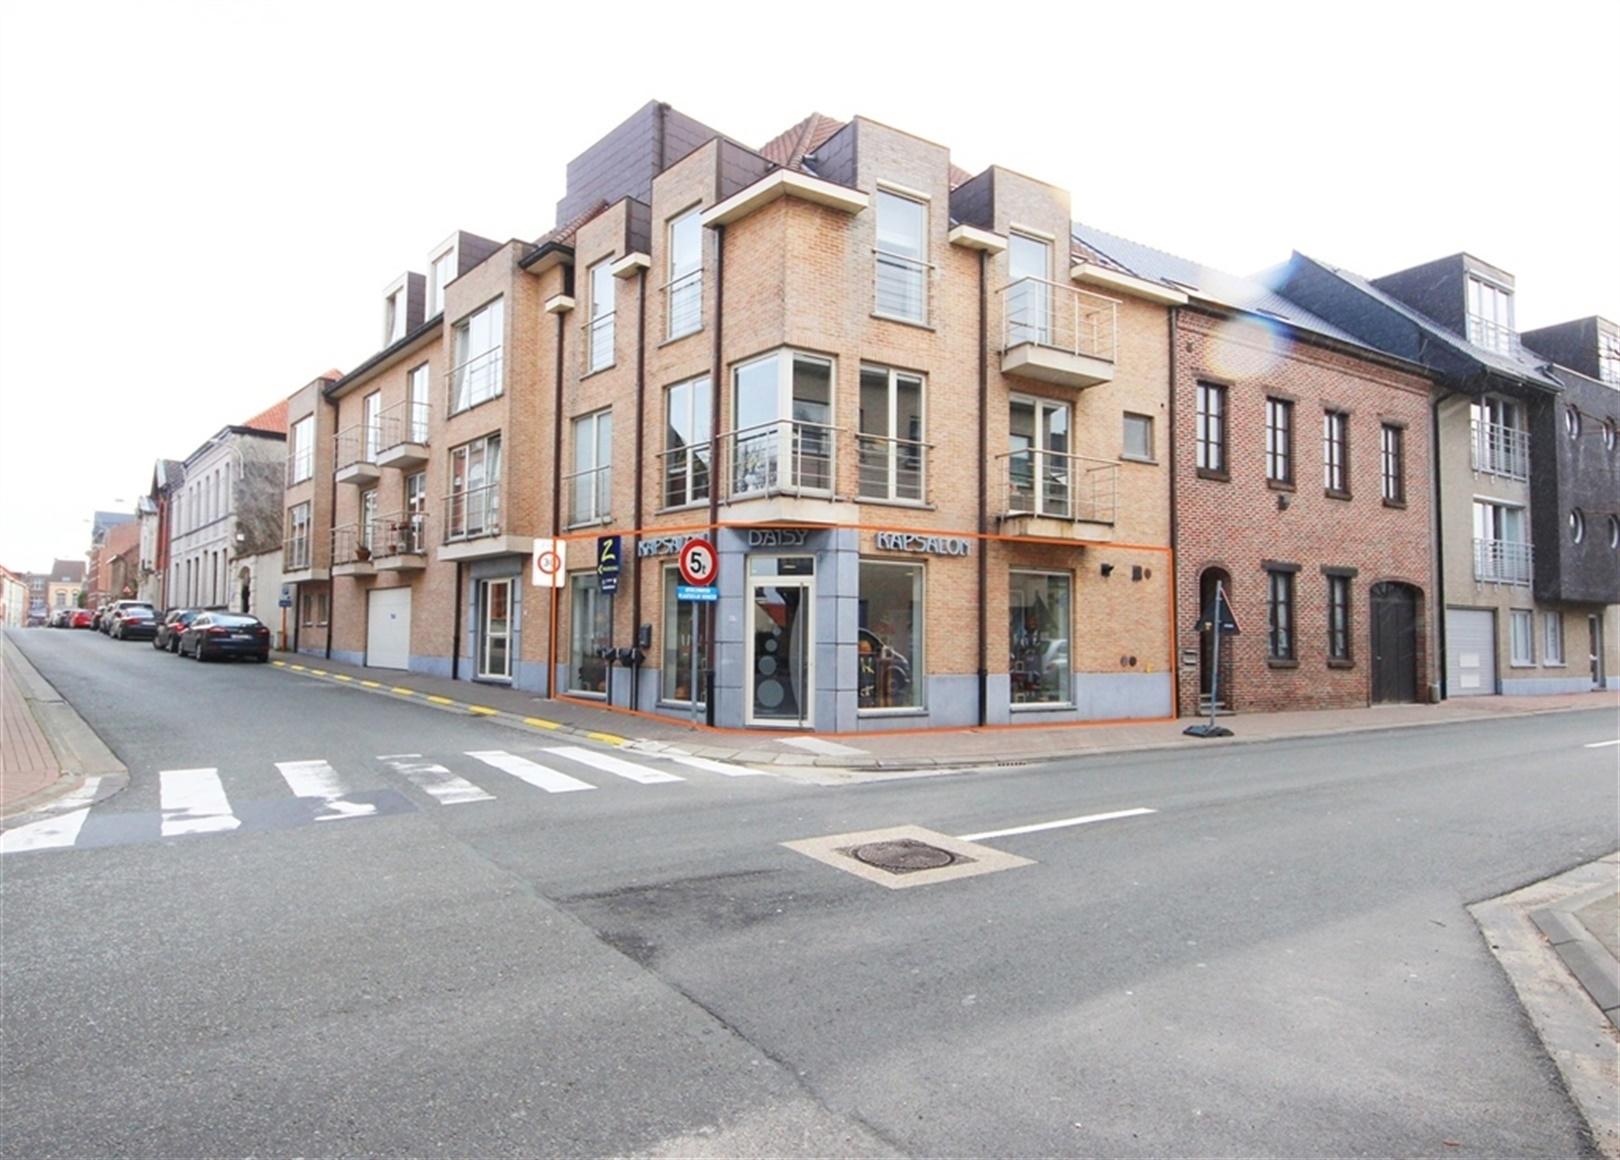 Bekijk VR Tour van Commercieel hoekpand in het centrum van Zottegem